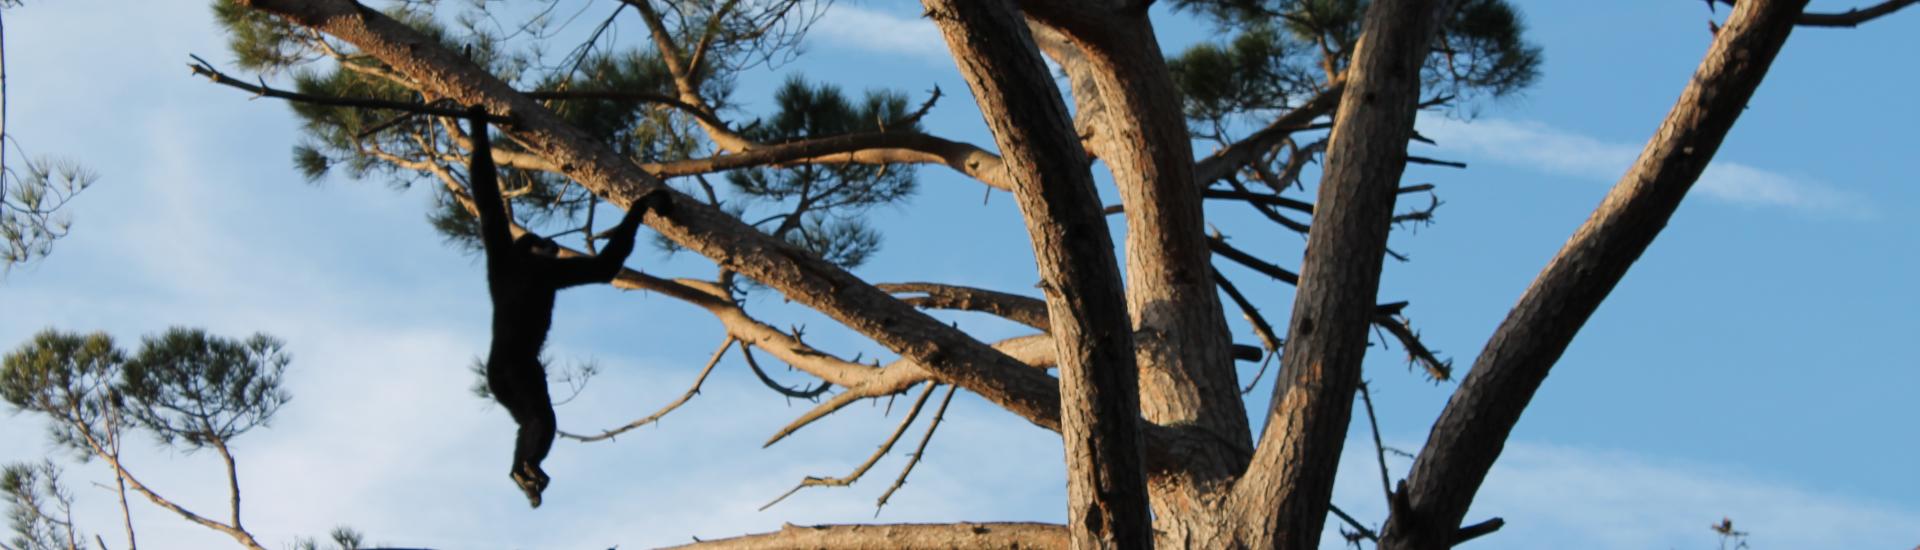 Gibão-preto (Hylobates concolor)